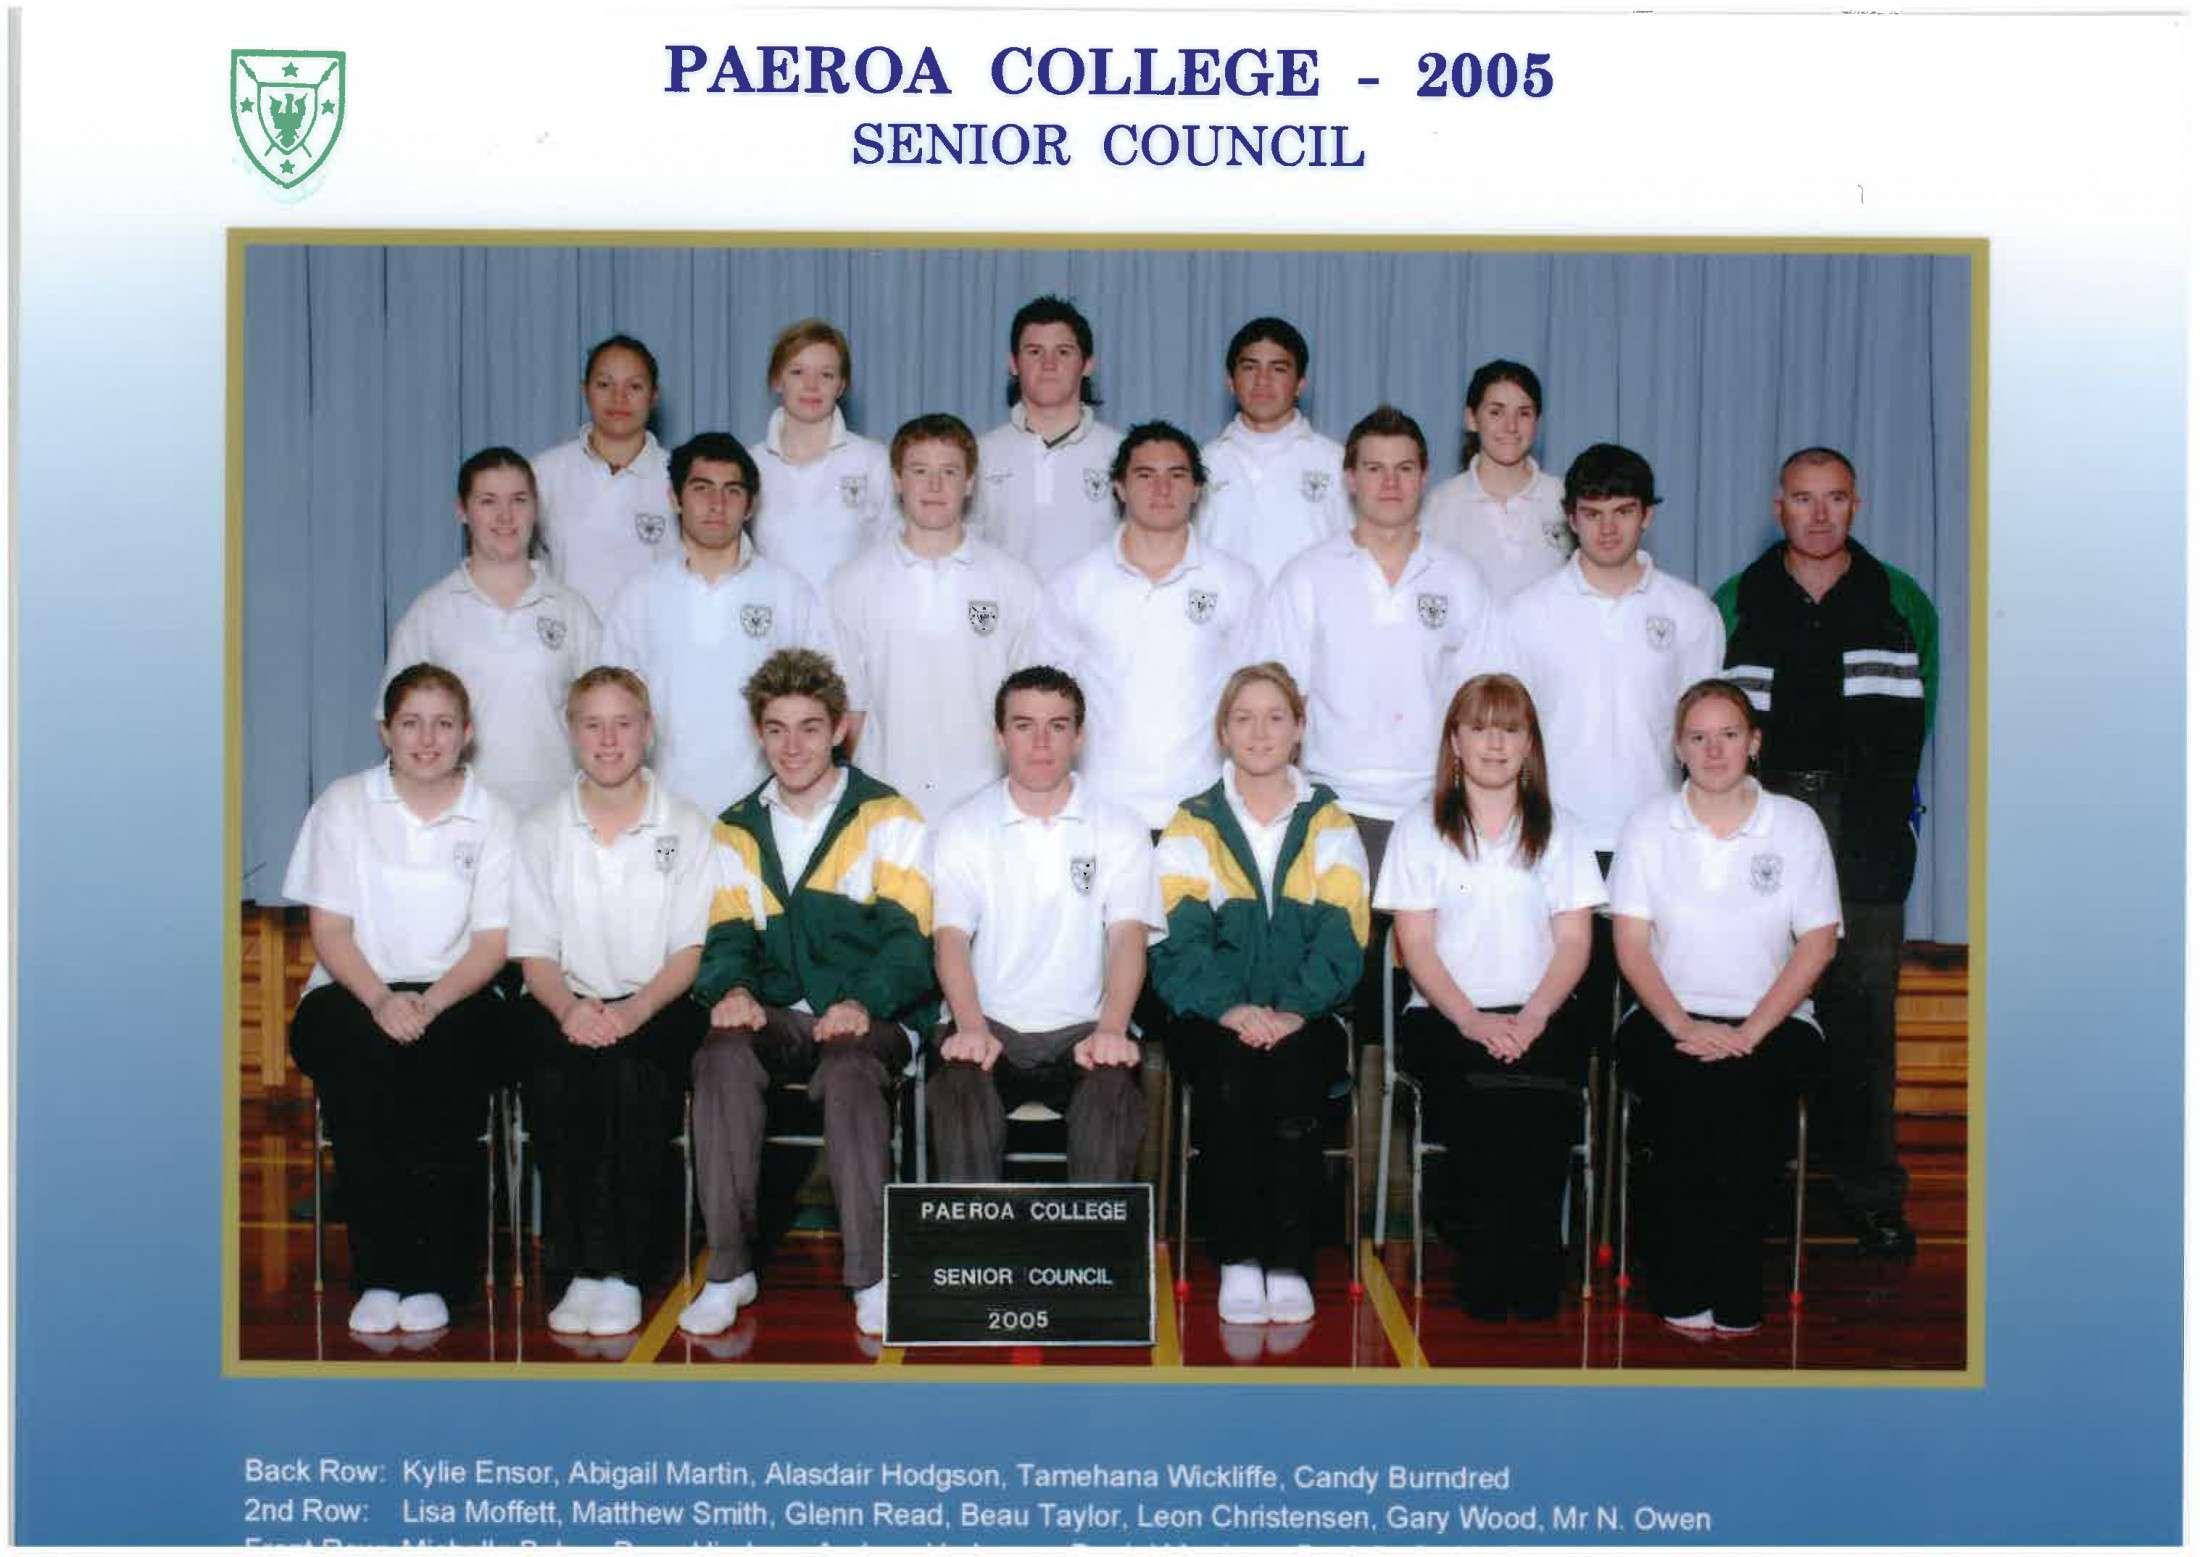 2005 Senior Council